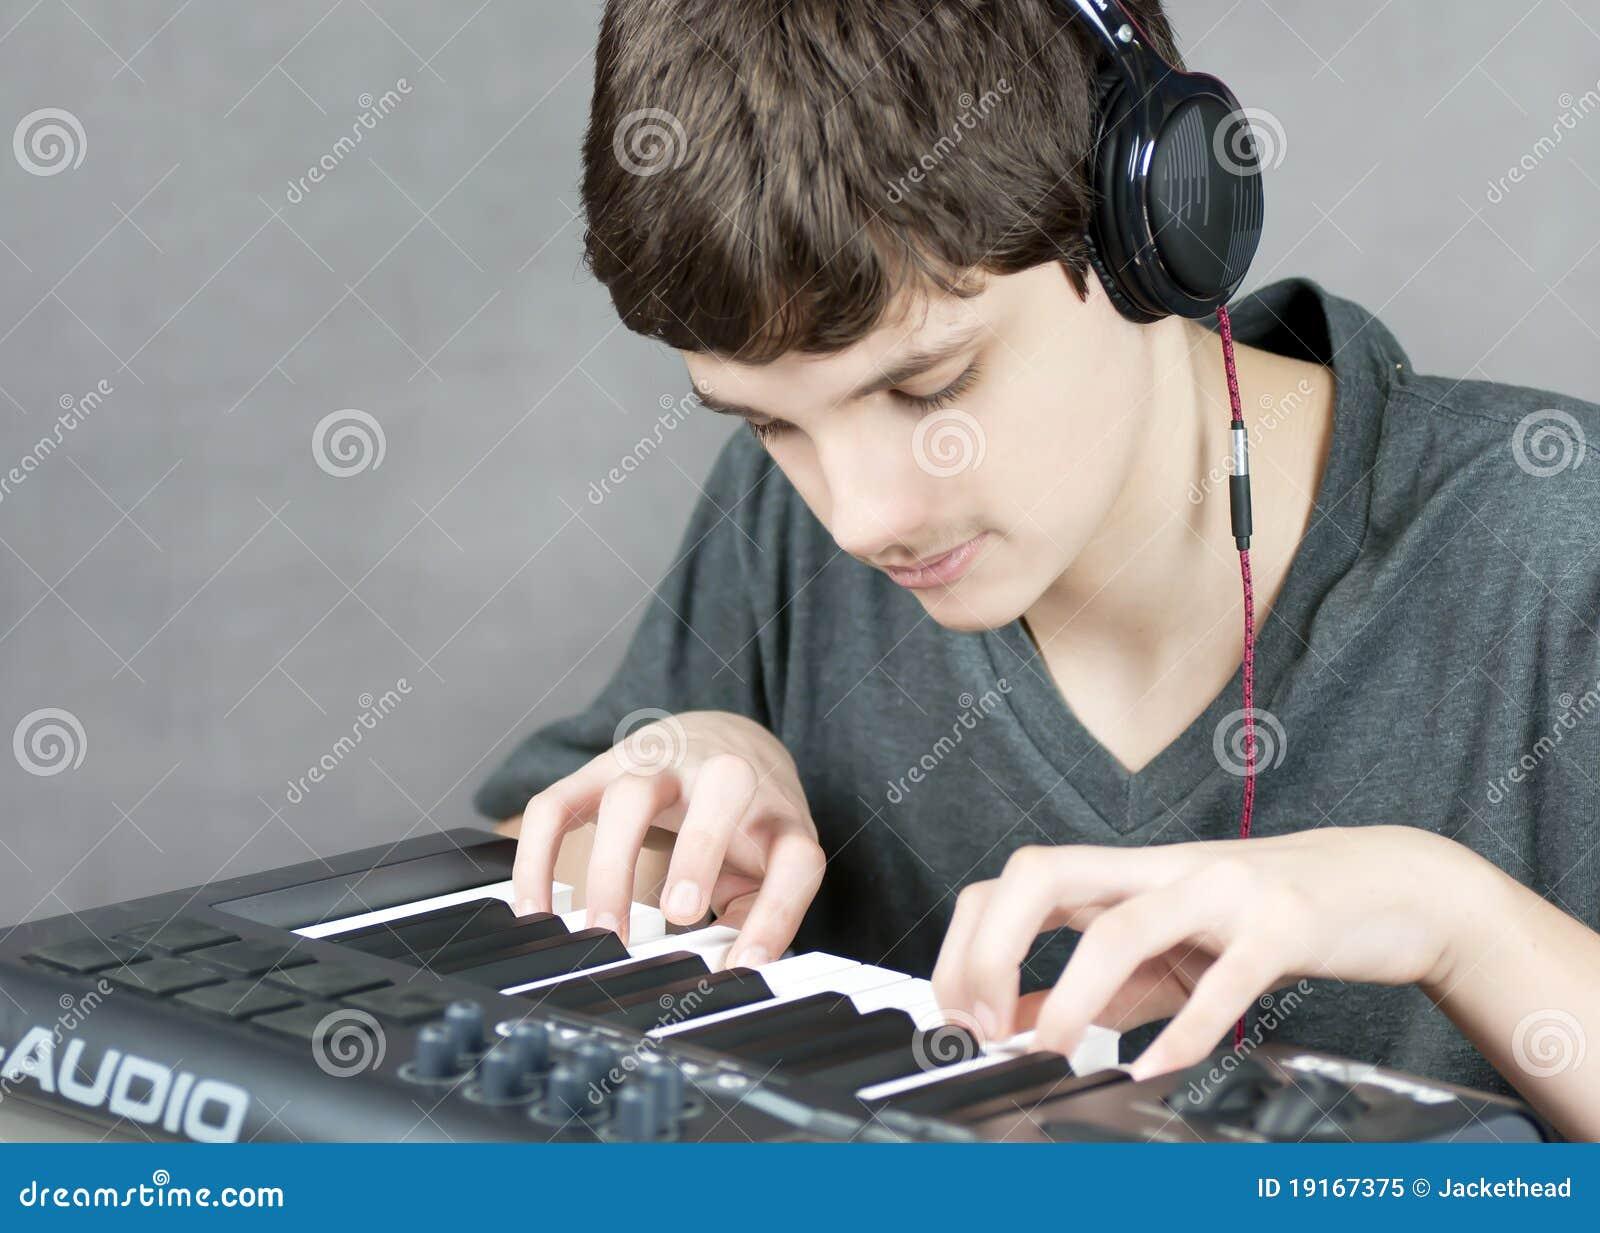 сфокусированная клавиатура играет предназначенное для подростков